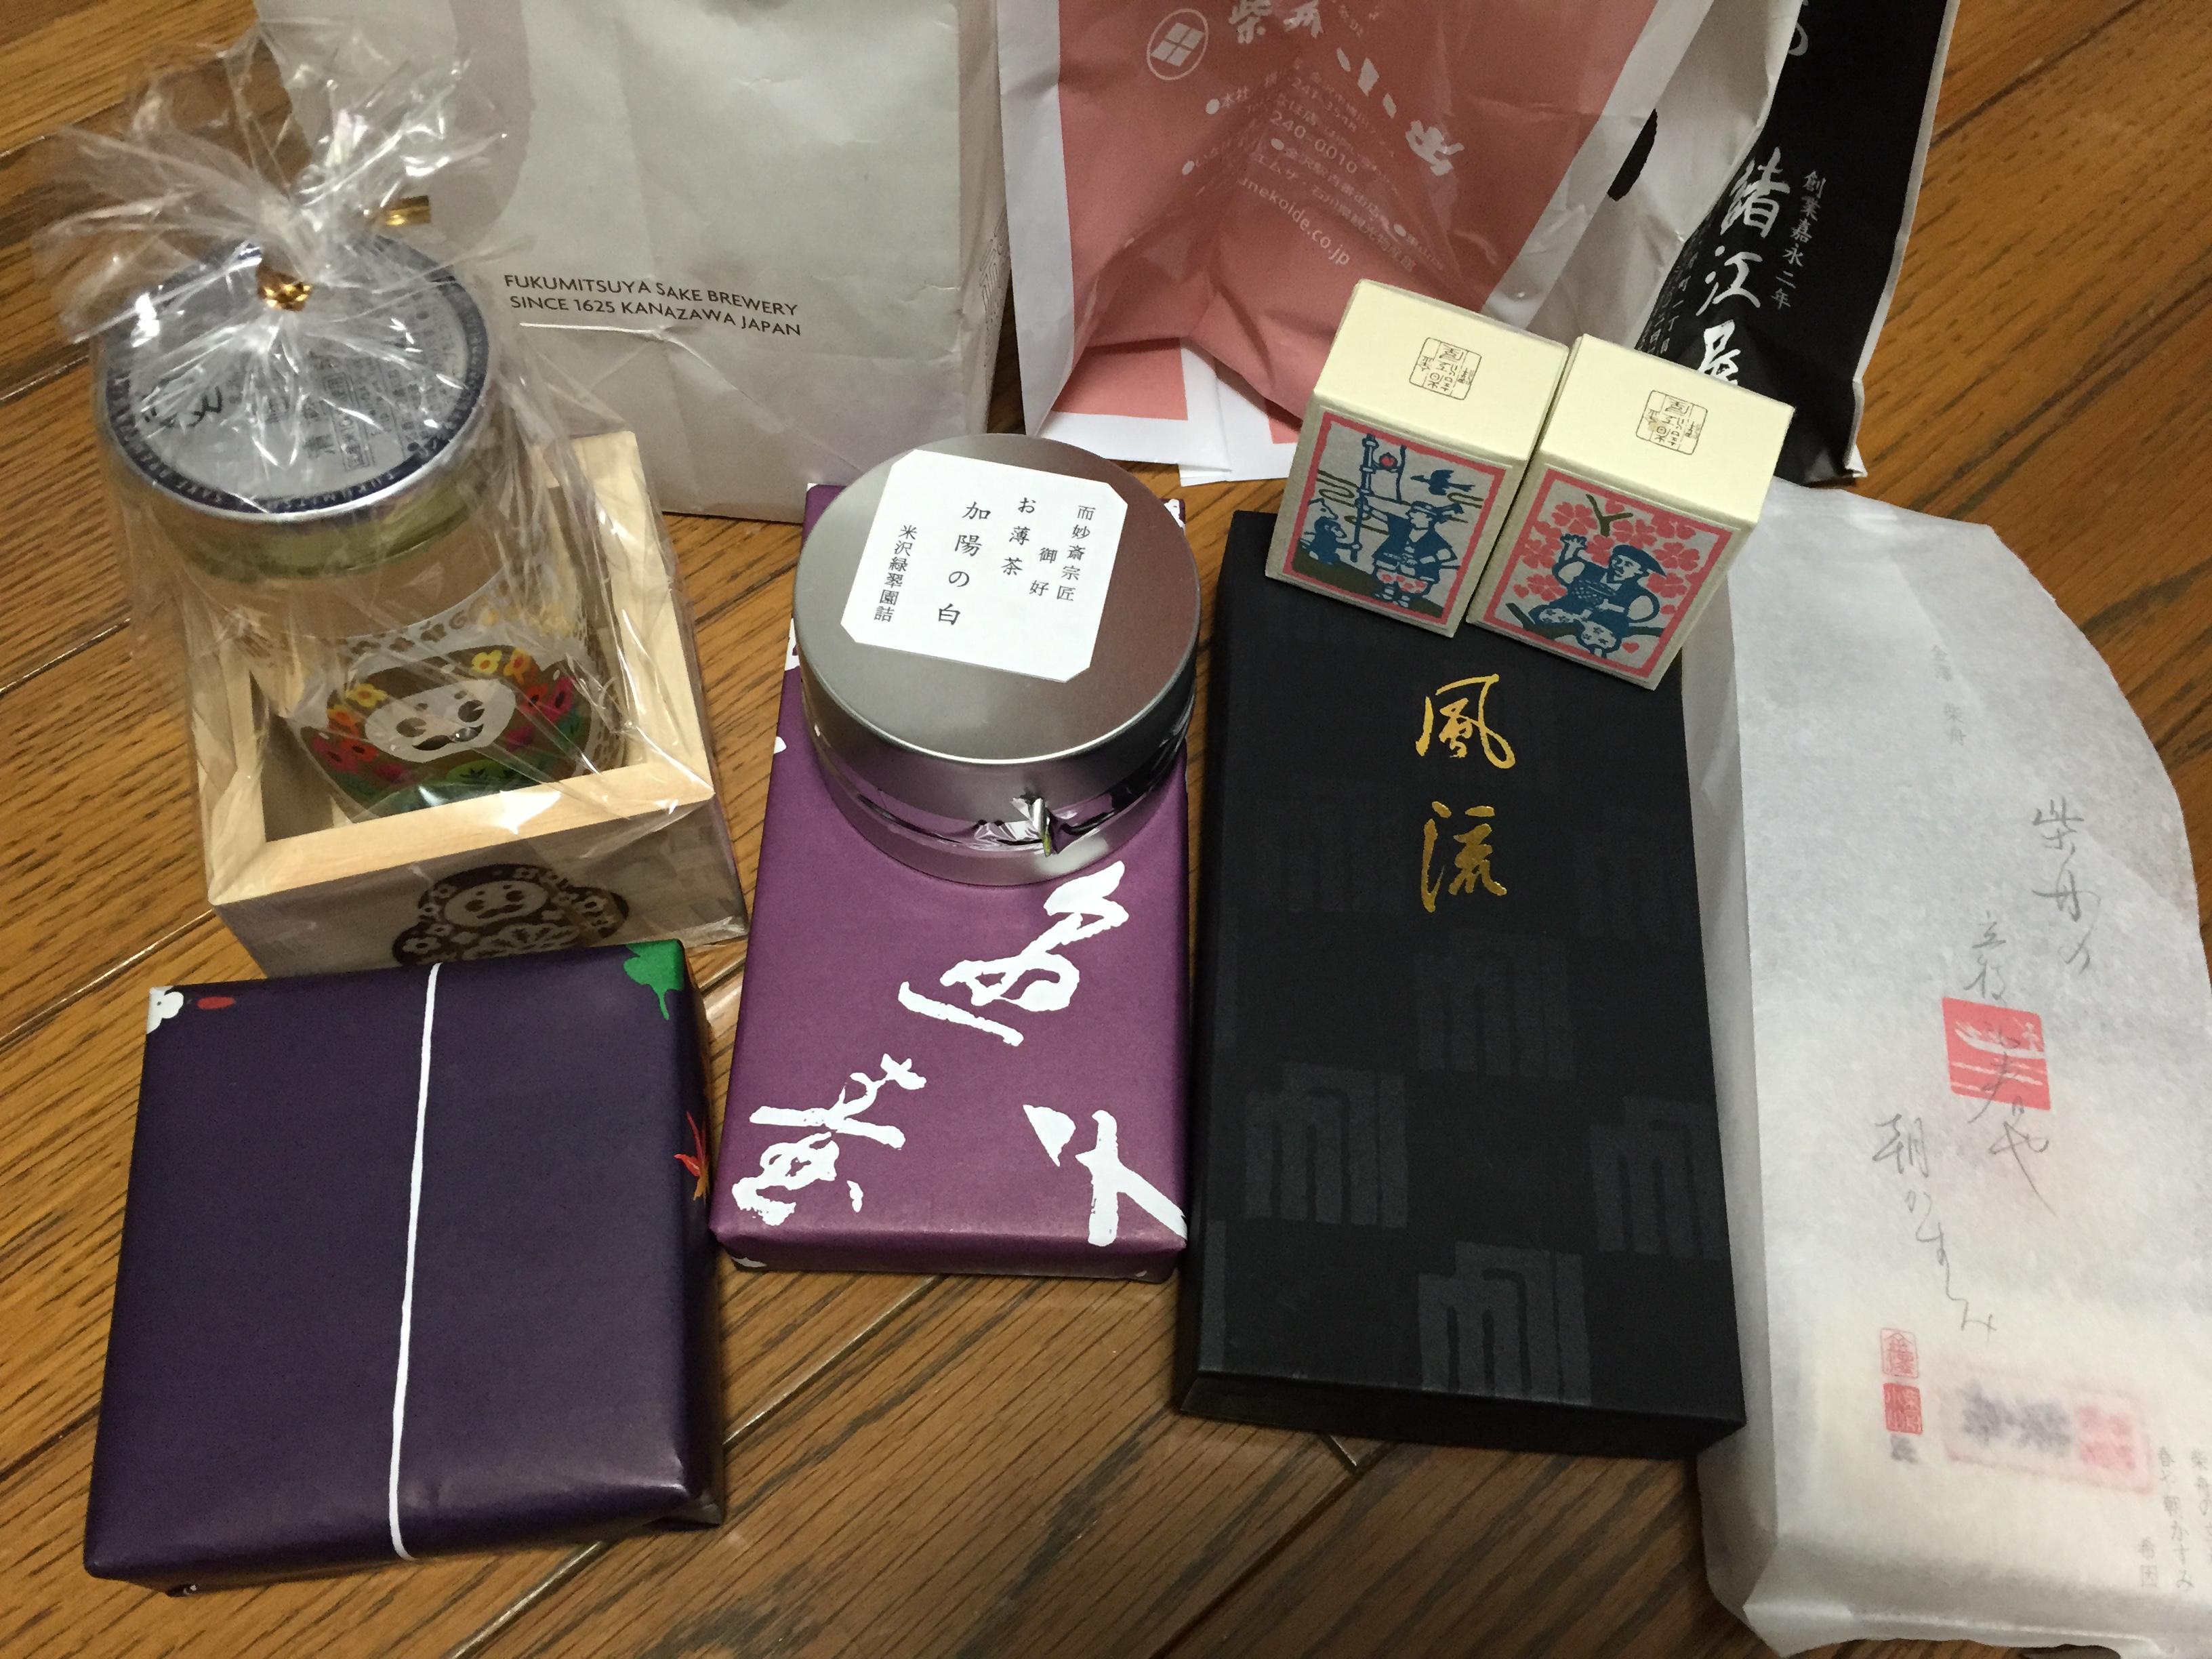 金沢旅行のお土産に金沢和菓子 金沢ならではの上品なお茶菓子たち♪